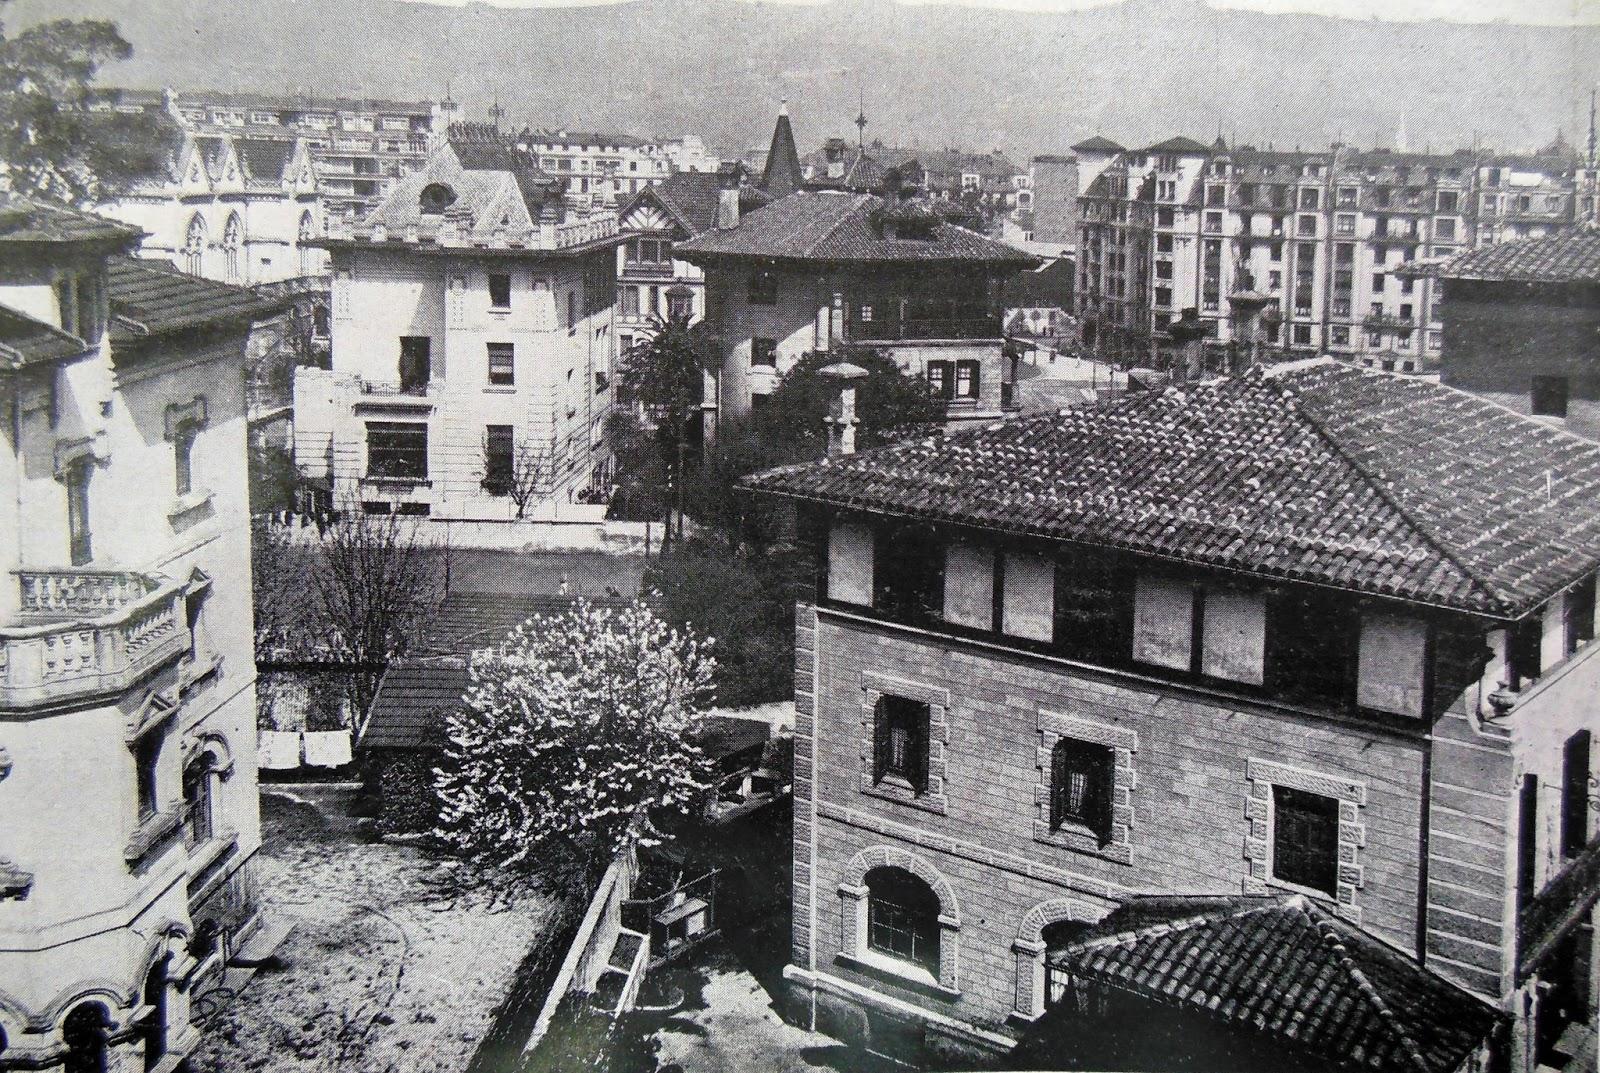 Blog de cesar estornes de historia y deportes el front n - Bilbao fotos antiguas ...